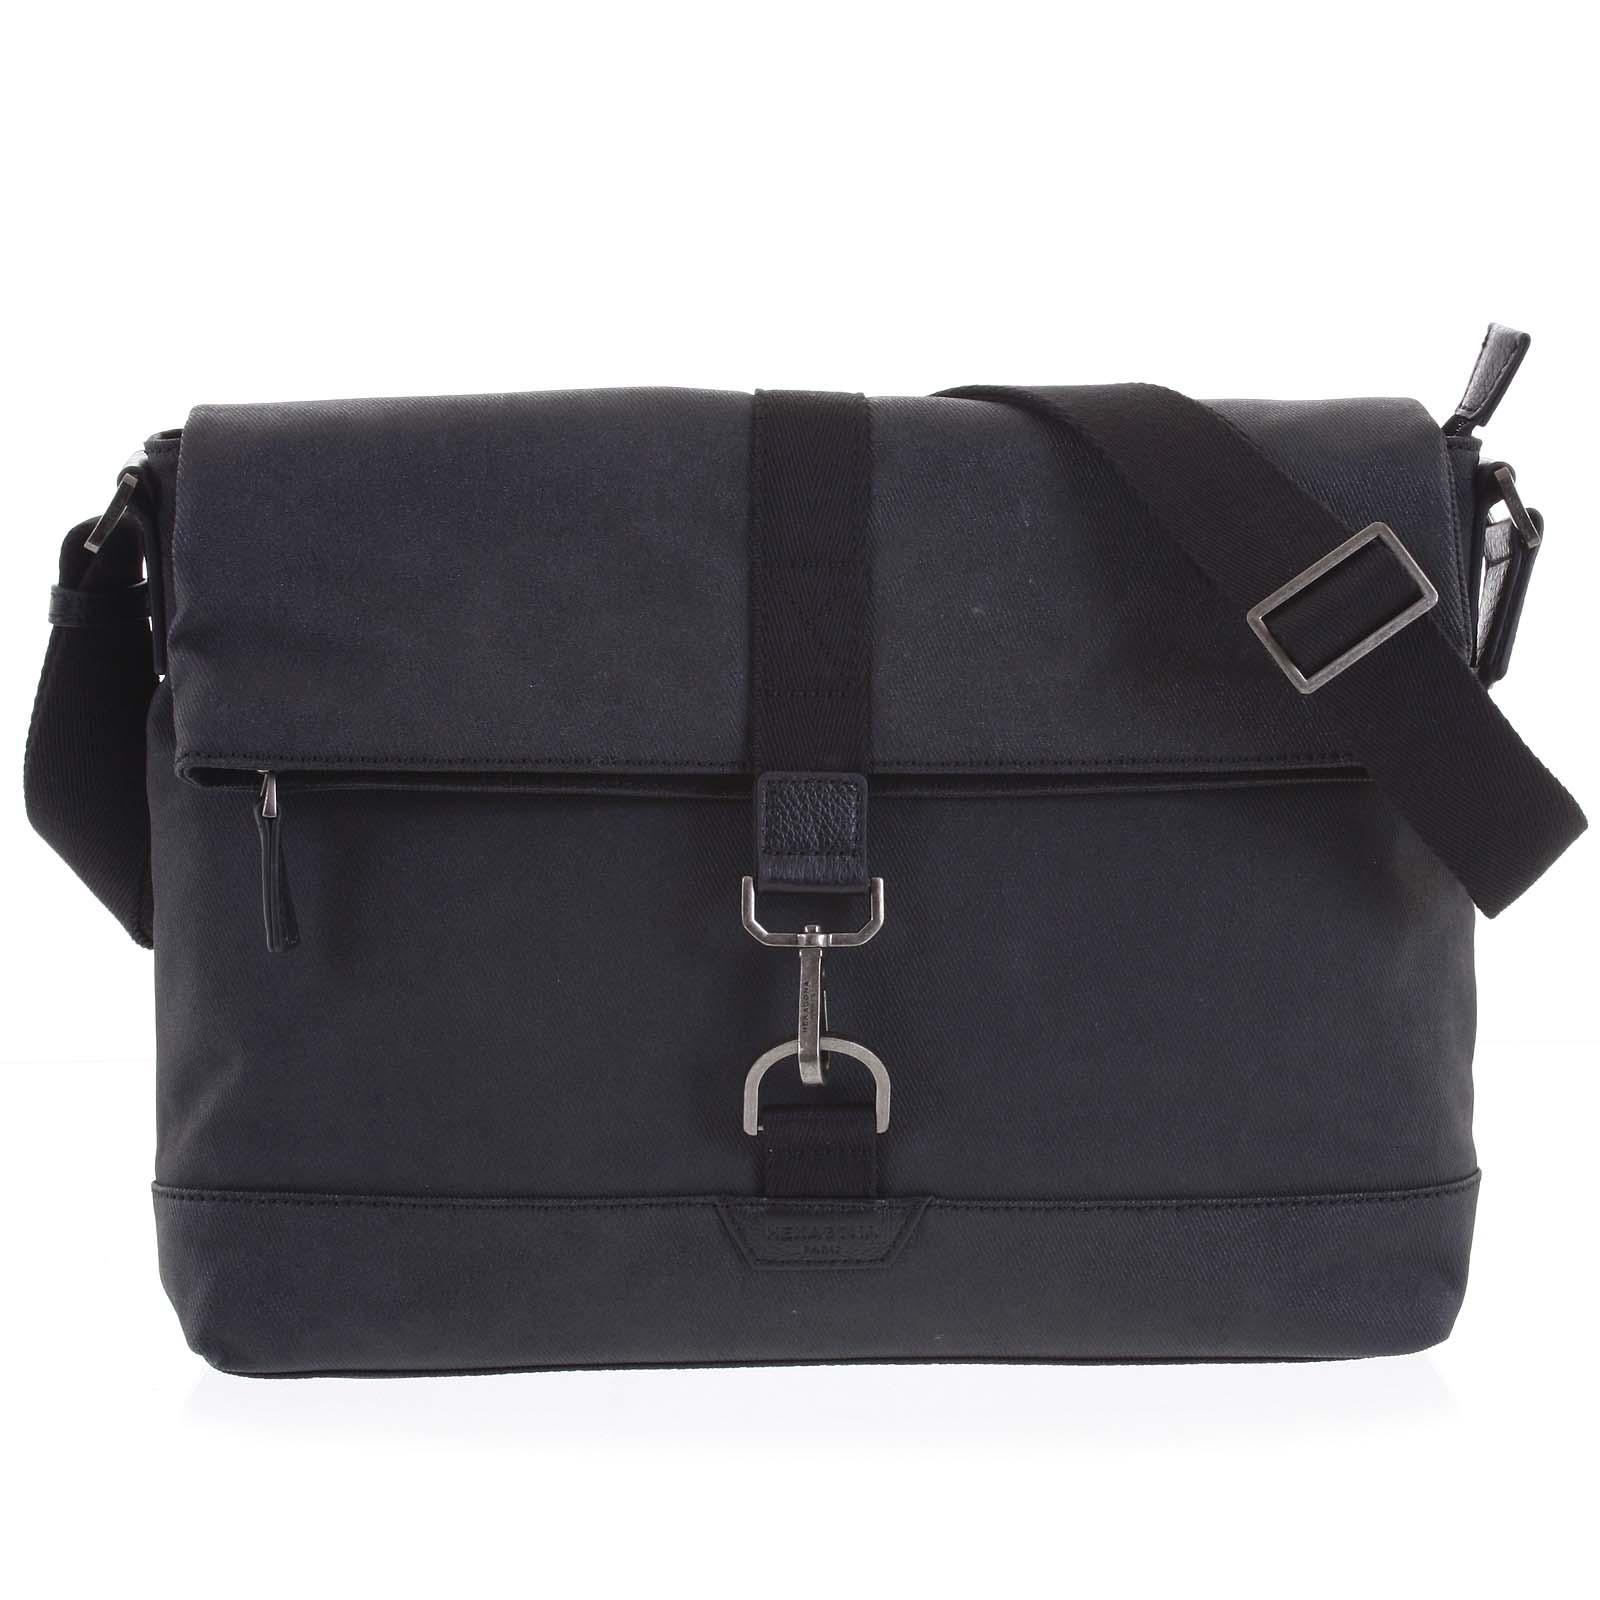 Pánska taška na notebook čierna - Hexagona Cladrien čierna